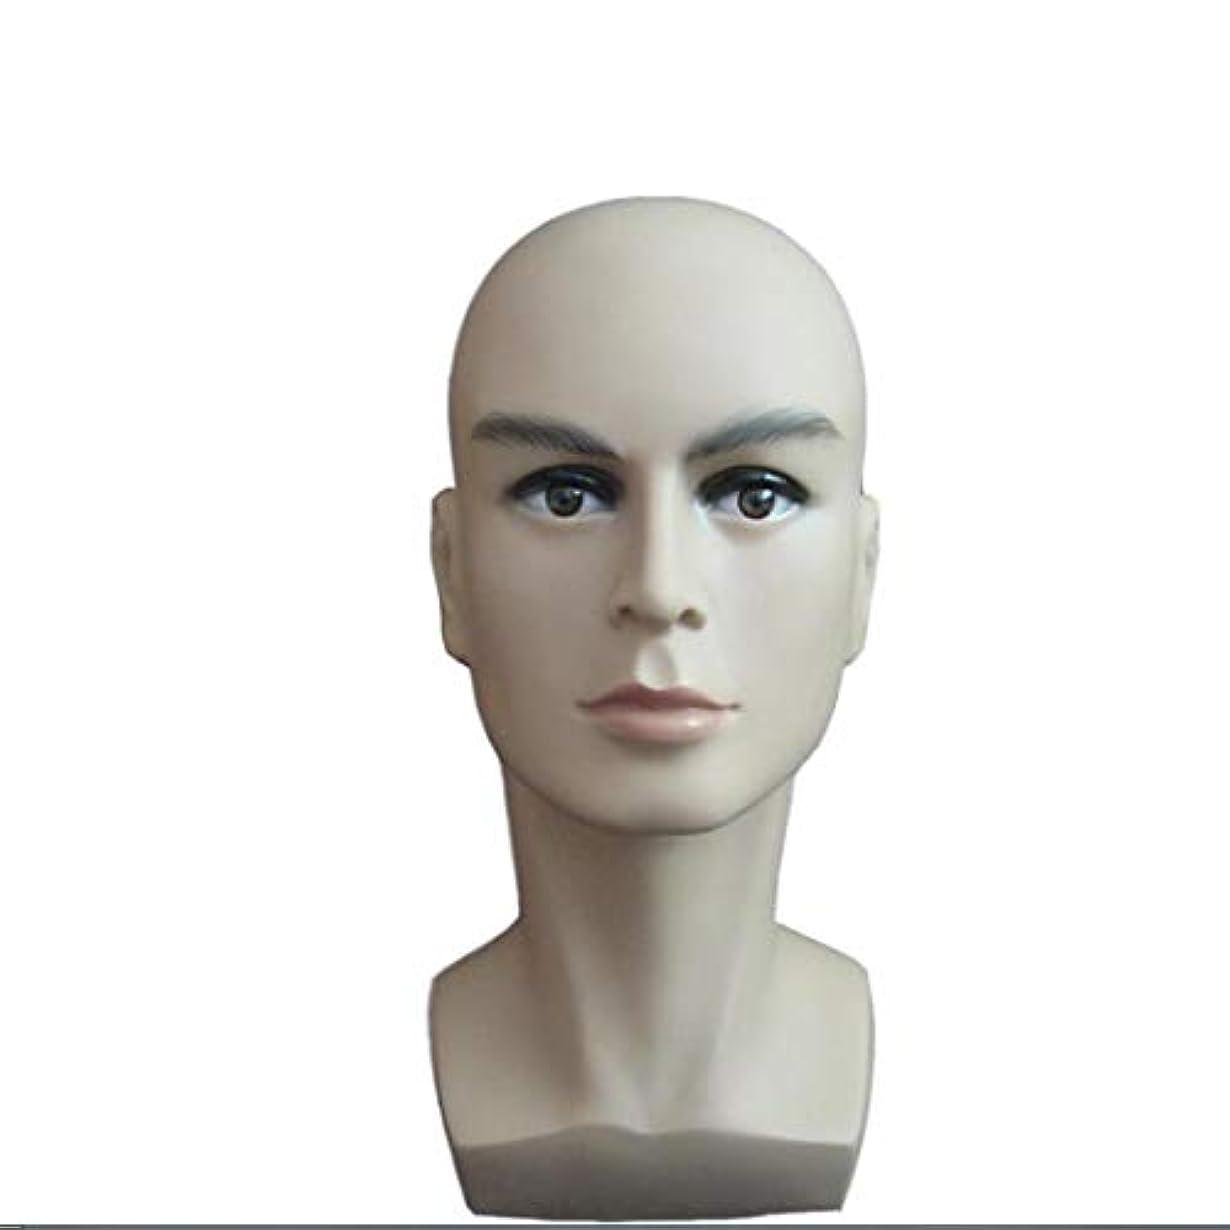 重々しい理論的値下げPVCヘッド型トレーニングマネキンフラットヘッド練習、ヘッド美容男性ヘッド型メガネ&caphatショーマネキンヘッド ヘアケア (Style : A-Skin tone)